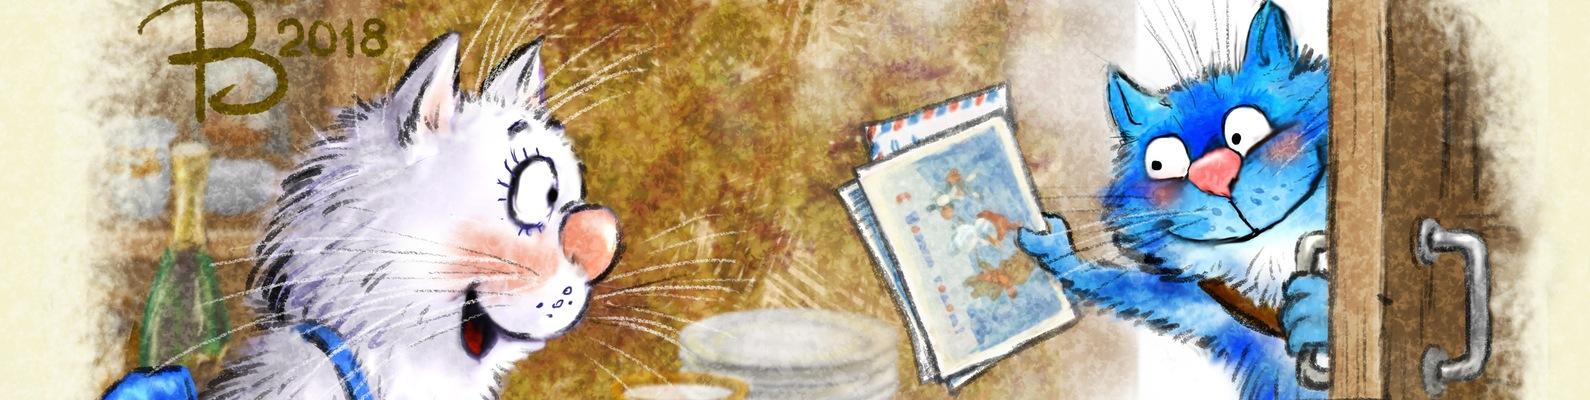 Тень кошки магазин открыток предзаказ открыток